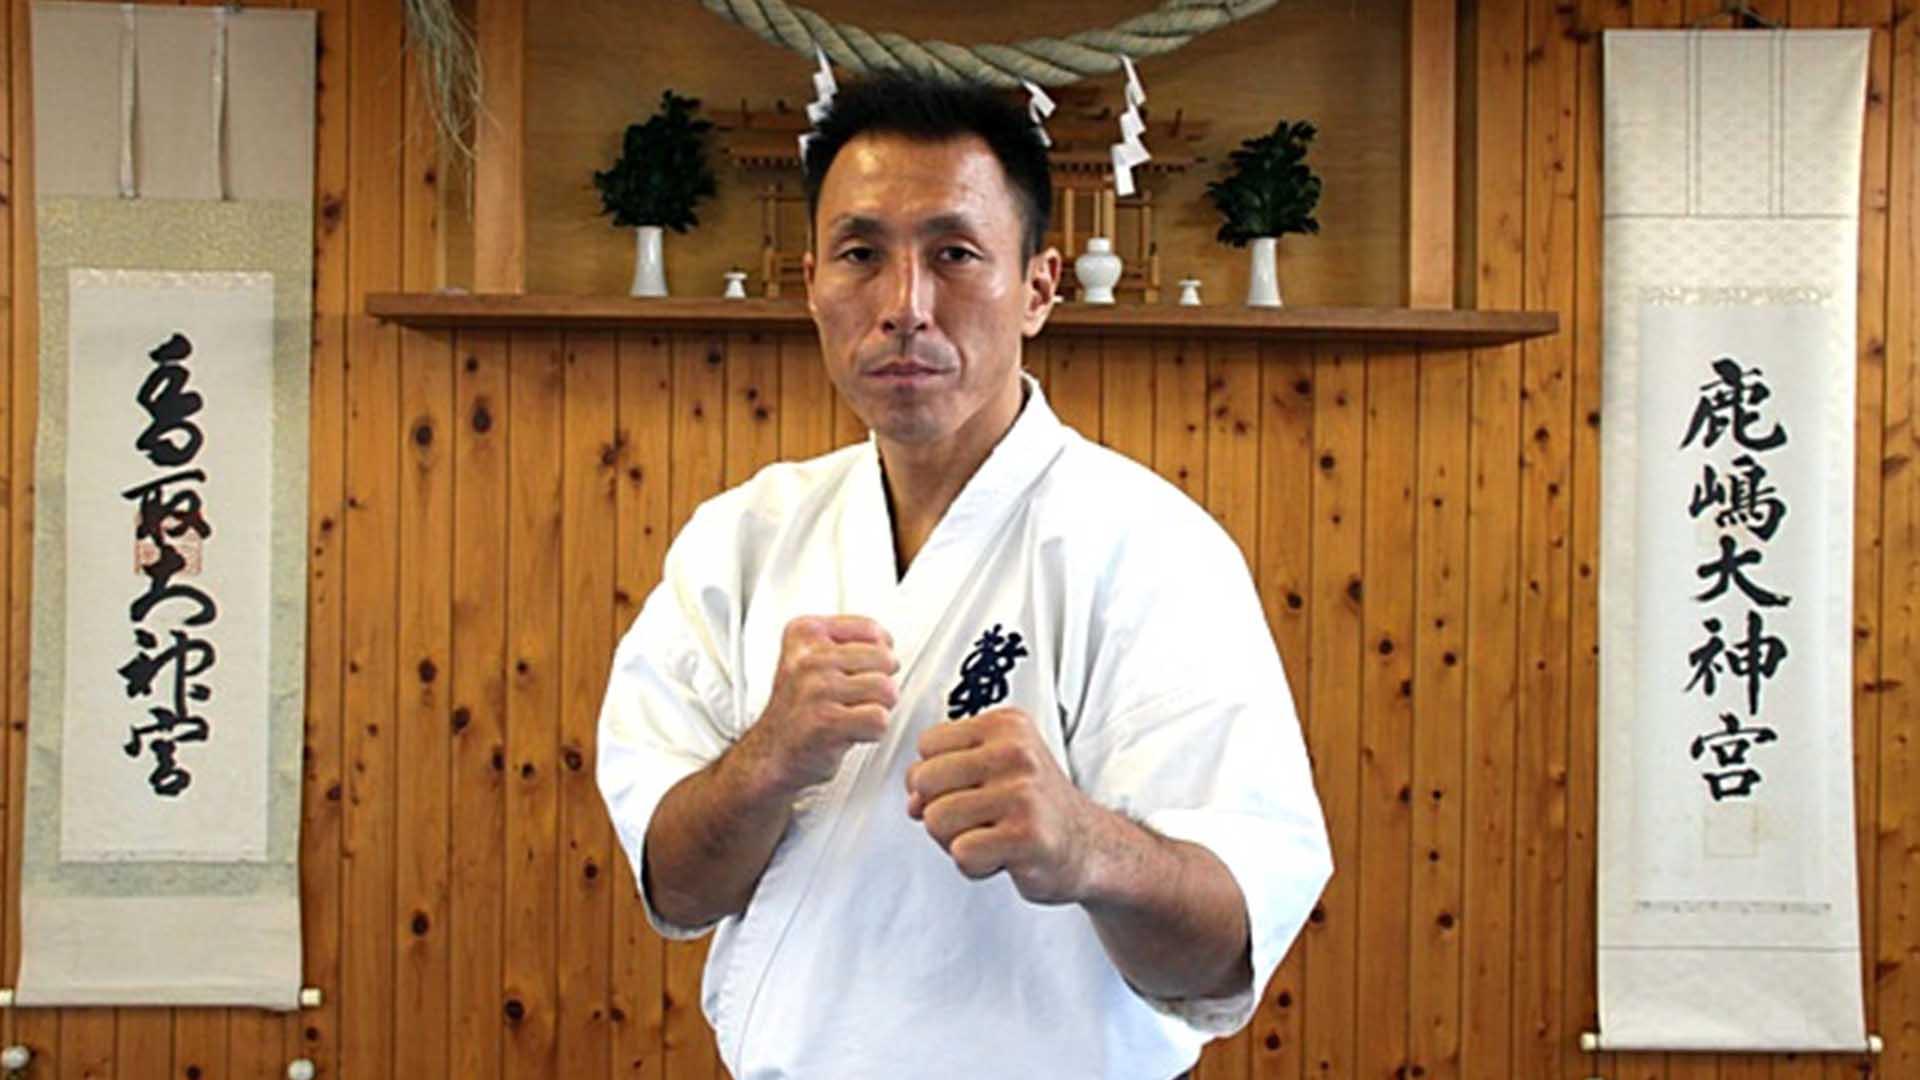 melhores karatecas do mundo Hajime Kazumi